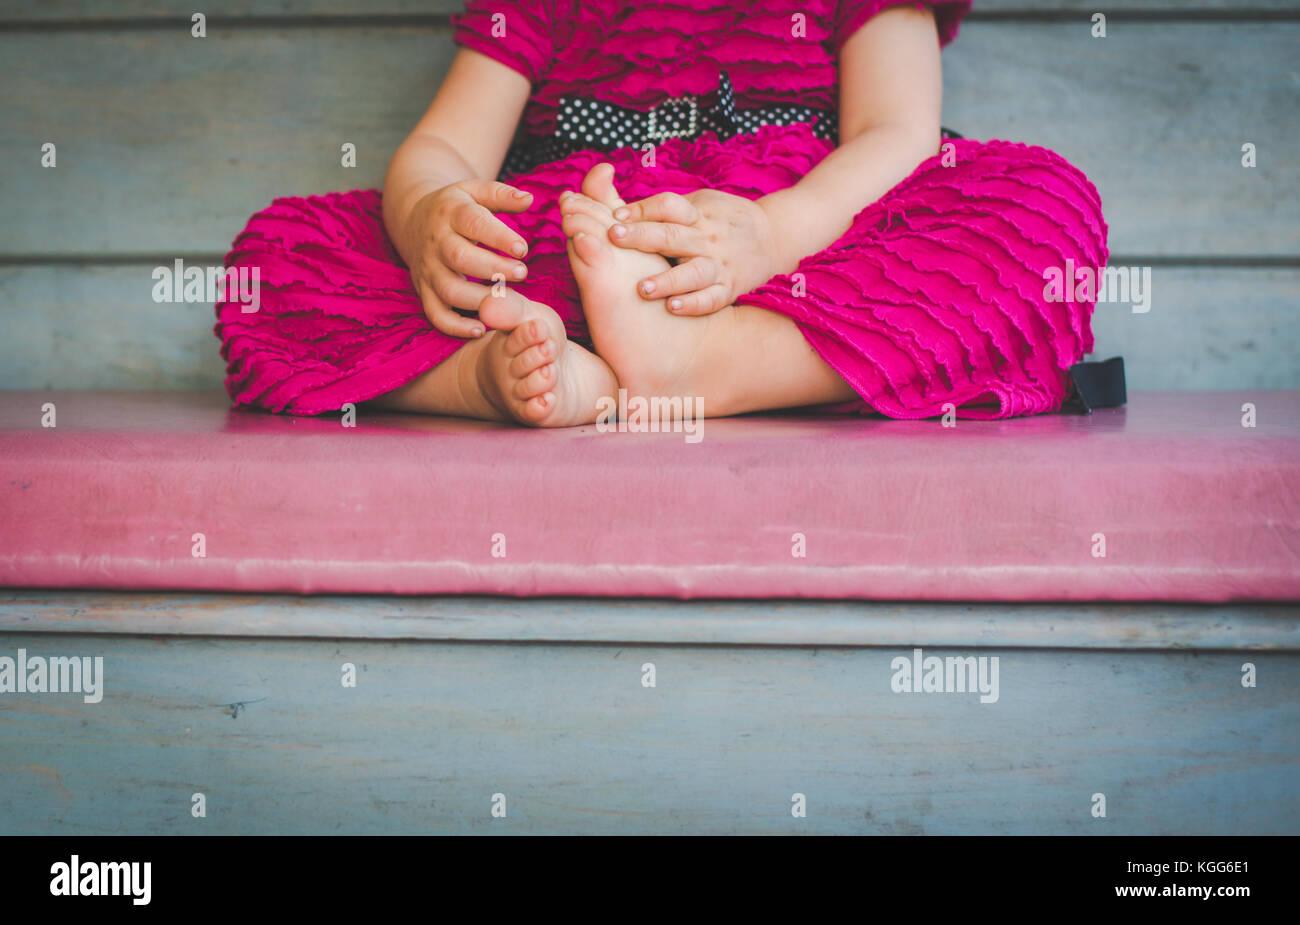 2 à 3 ans, assis sur un banc avec ses pieds nus visibles. Photo Stock